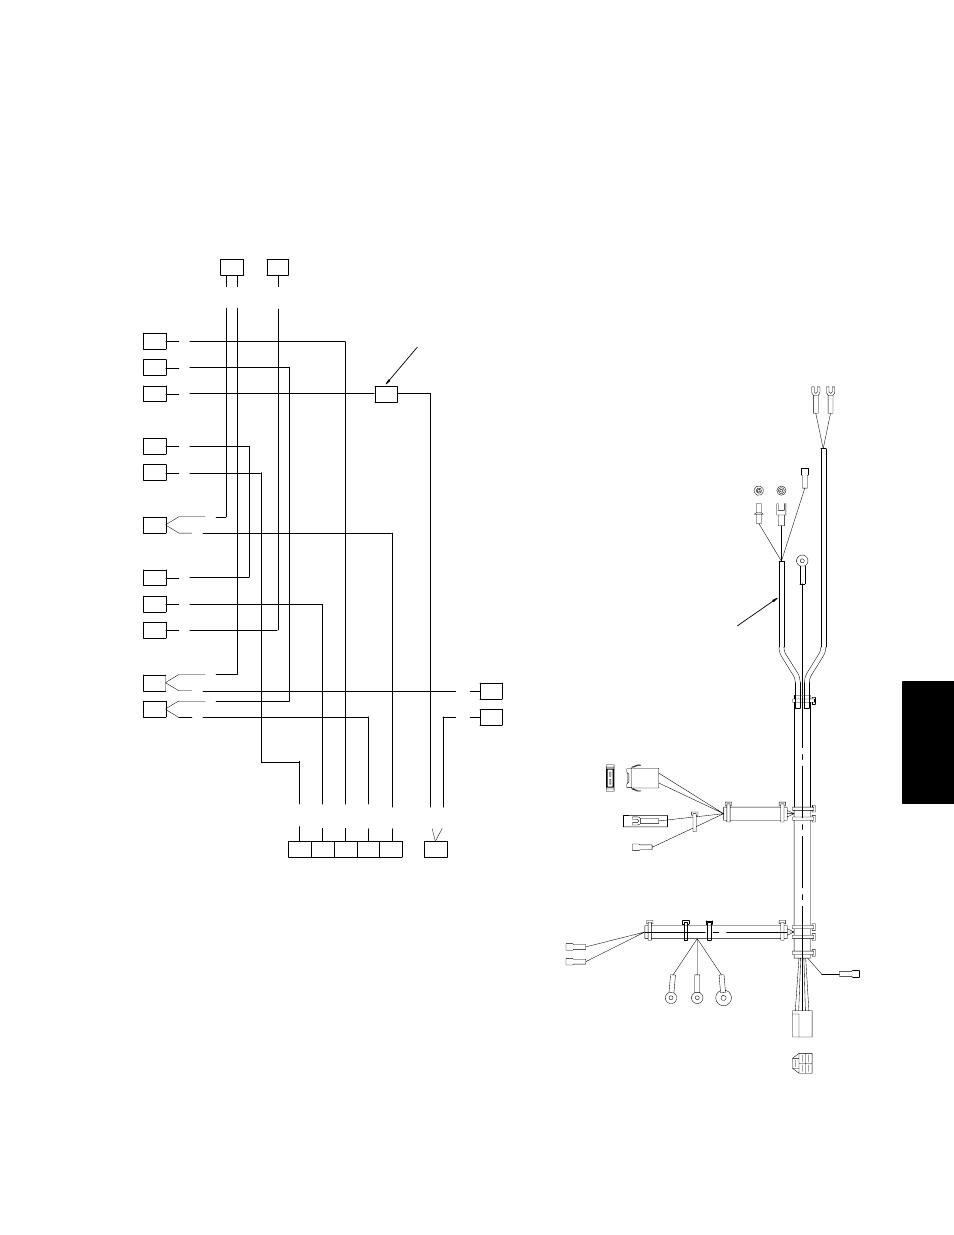 toro wiring harness